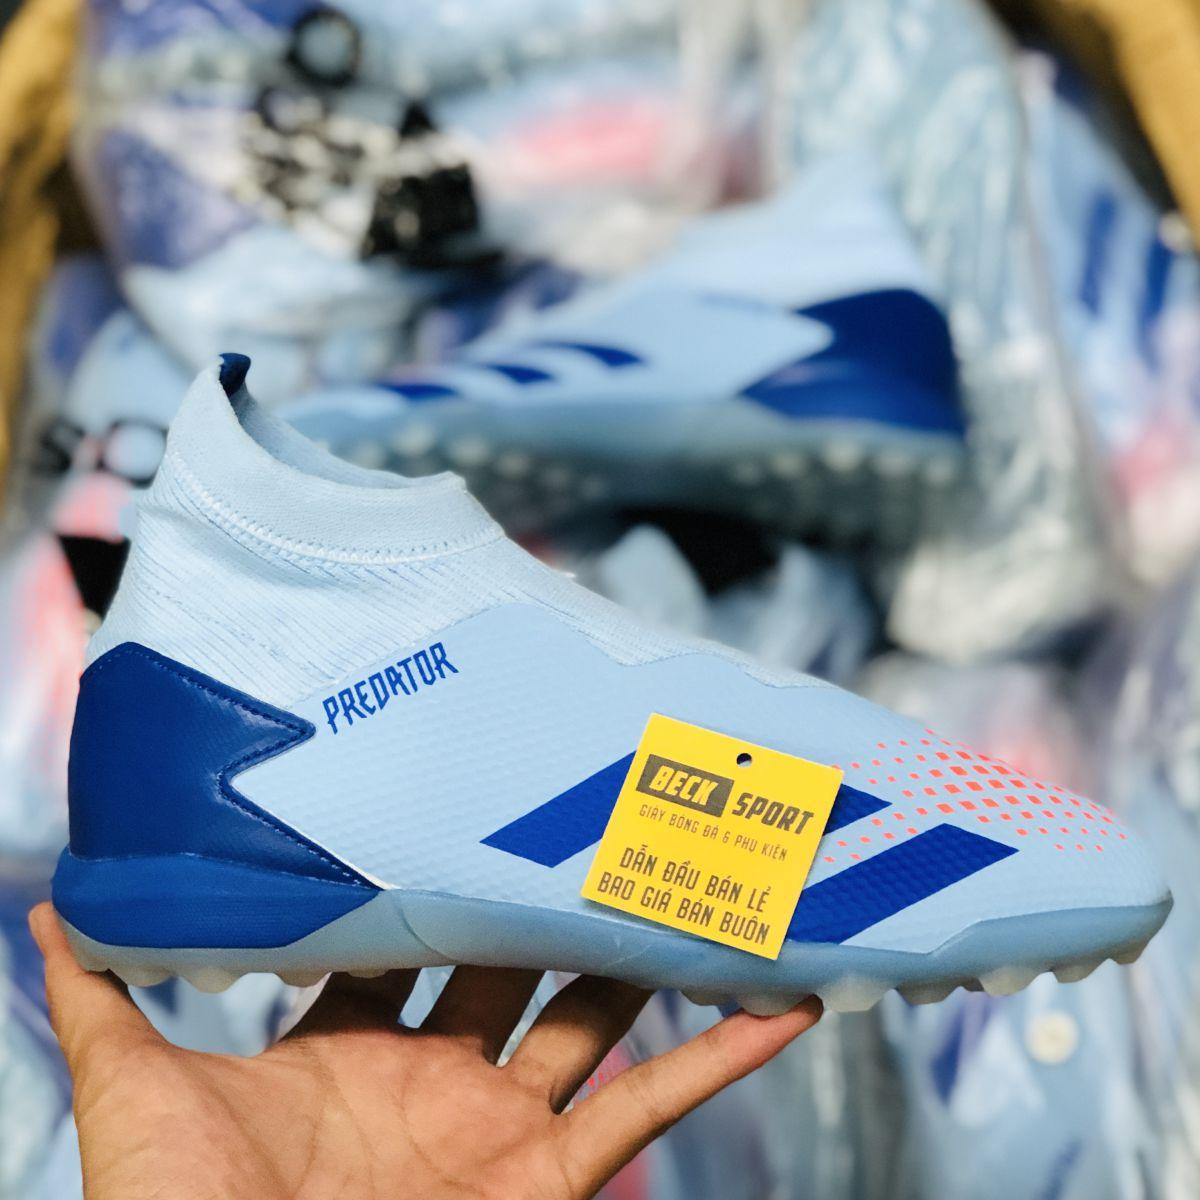 Giày Bóng Đá Adidas Predator 20.3 LL Xanh Dương Nhạt Không Dây Cao Cổ TF